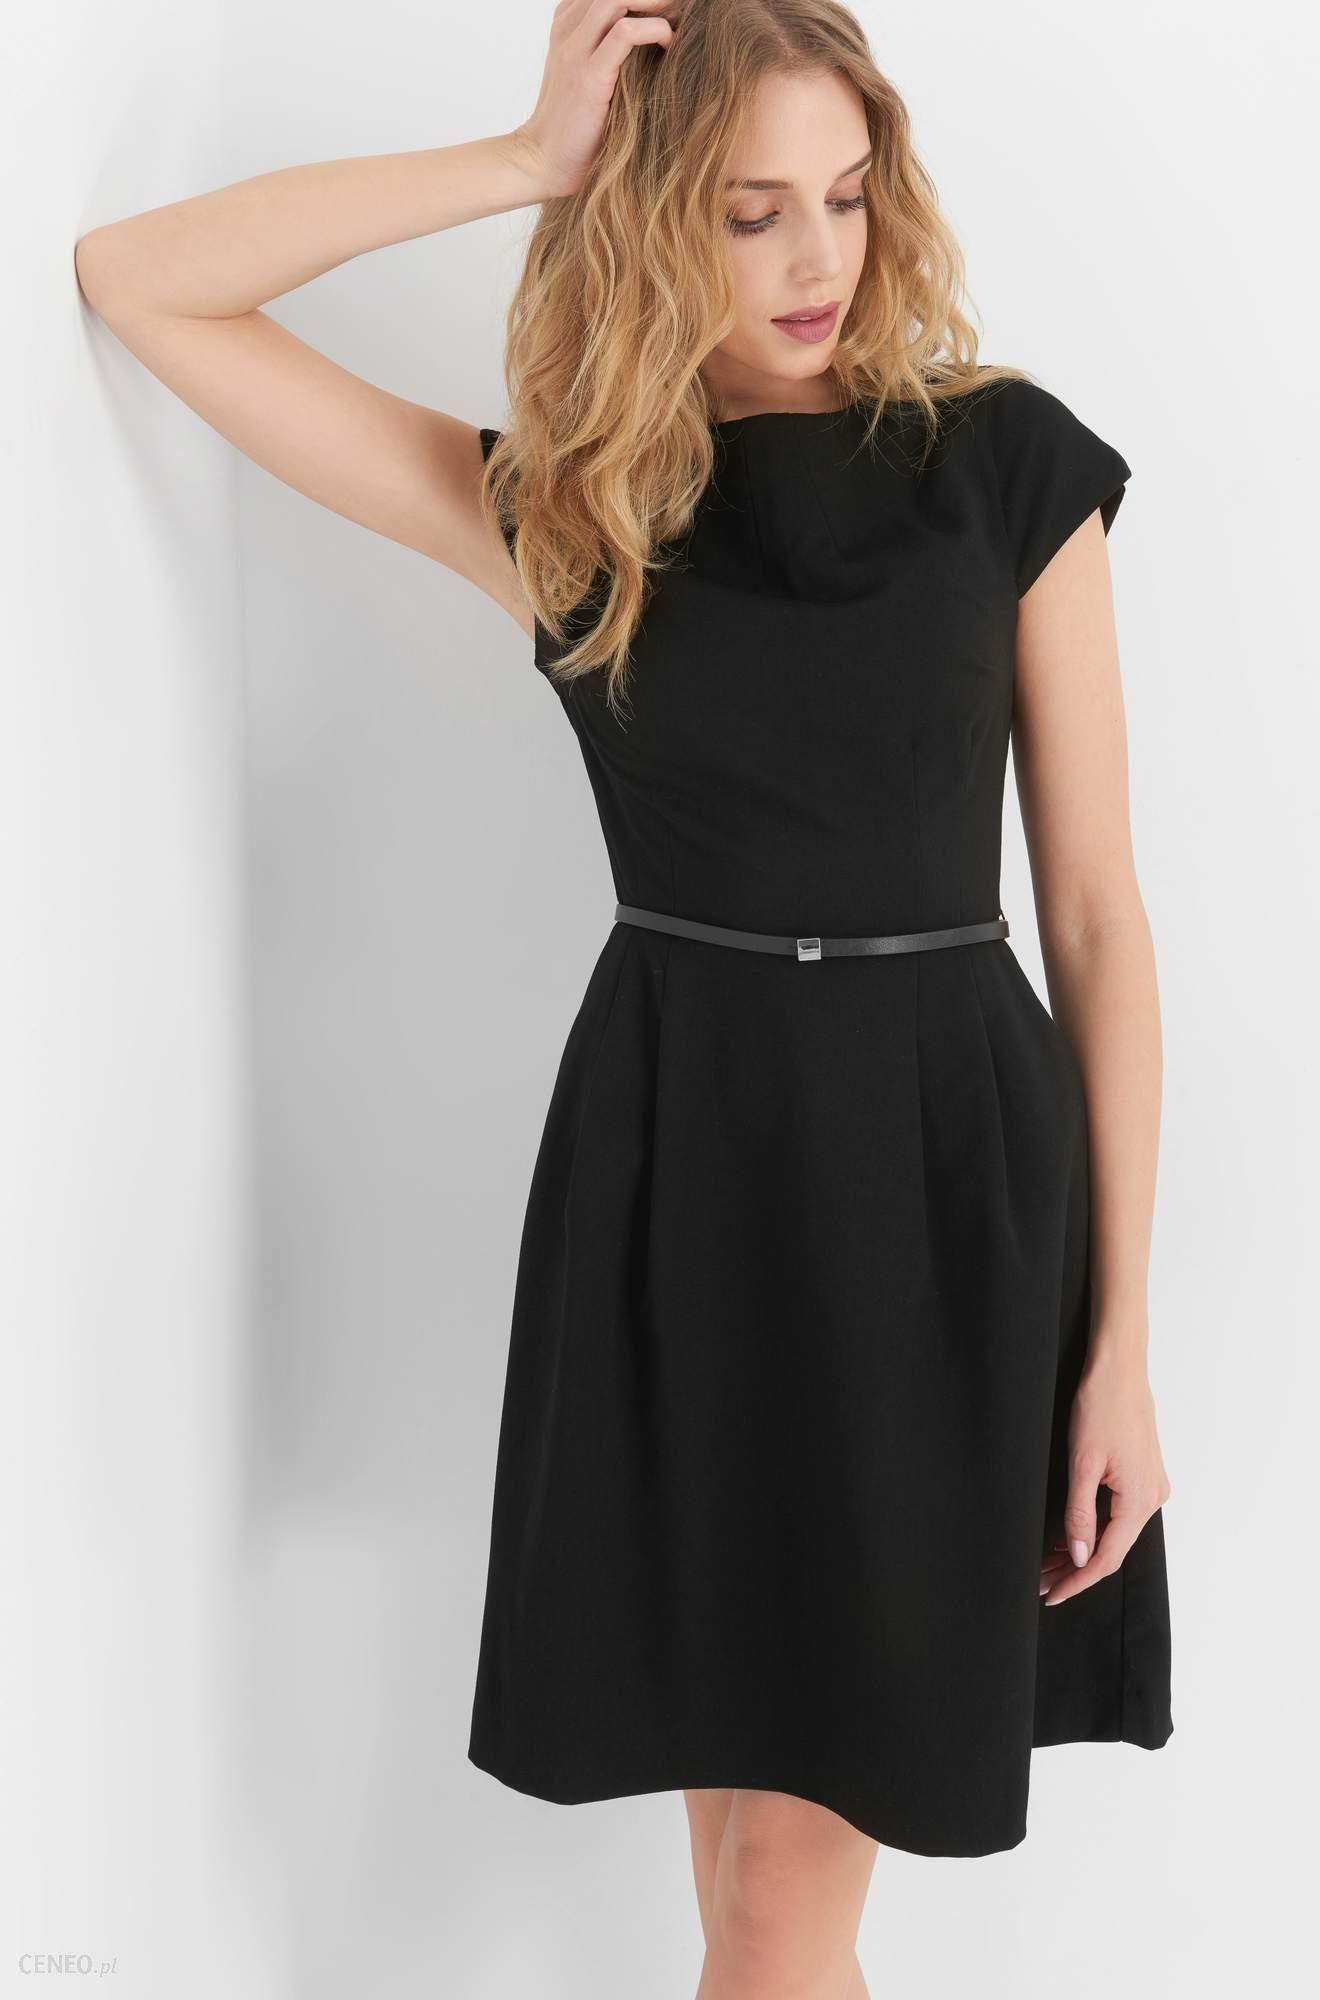 122ac0d0f7 Orsay Rozkloszowana sukienka z paskiem - Ceny i opinie - Ceneo.pl